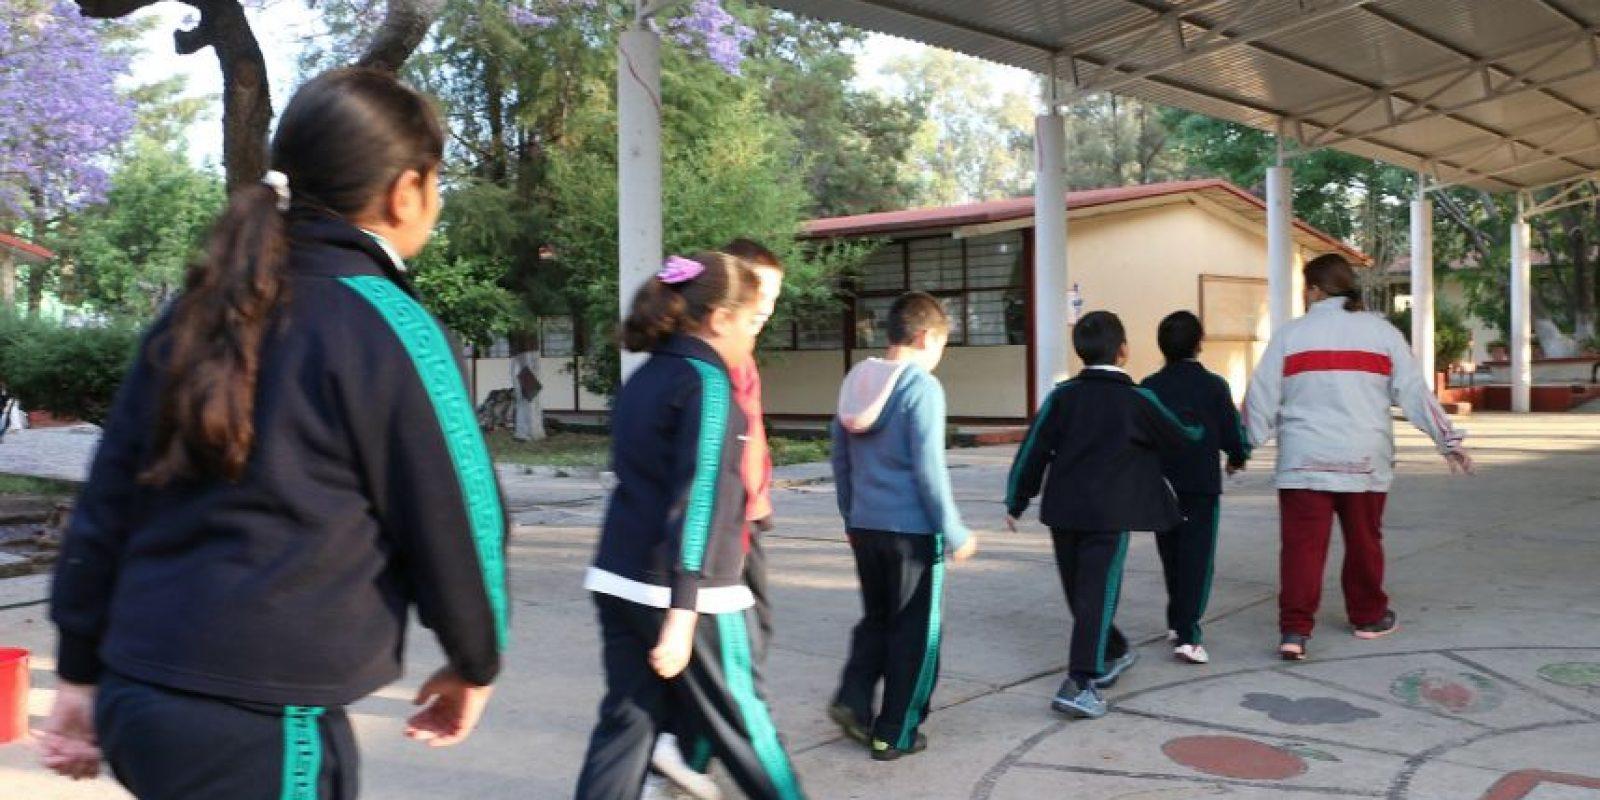 Las actividades al aire libre están permitidas en las escuelas de la Ciudad de México. Foto:Cuartoscuro